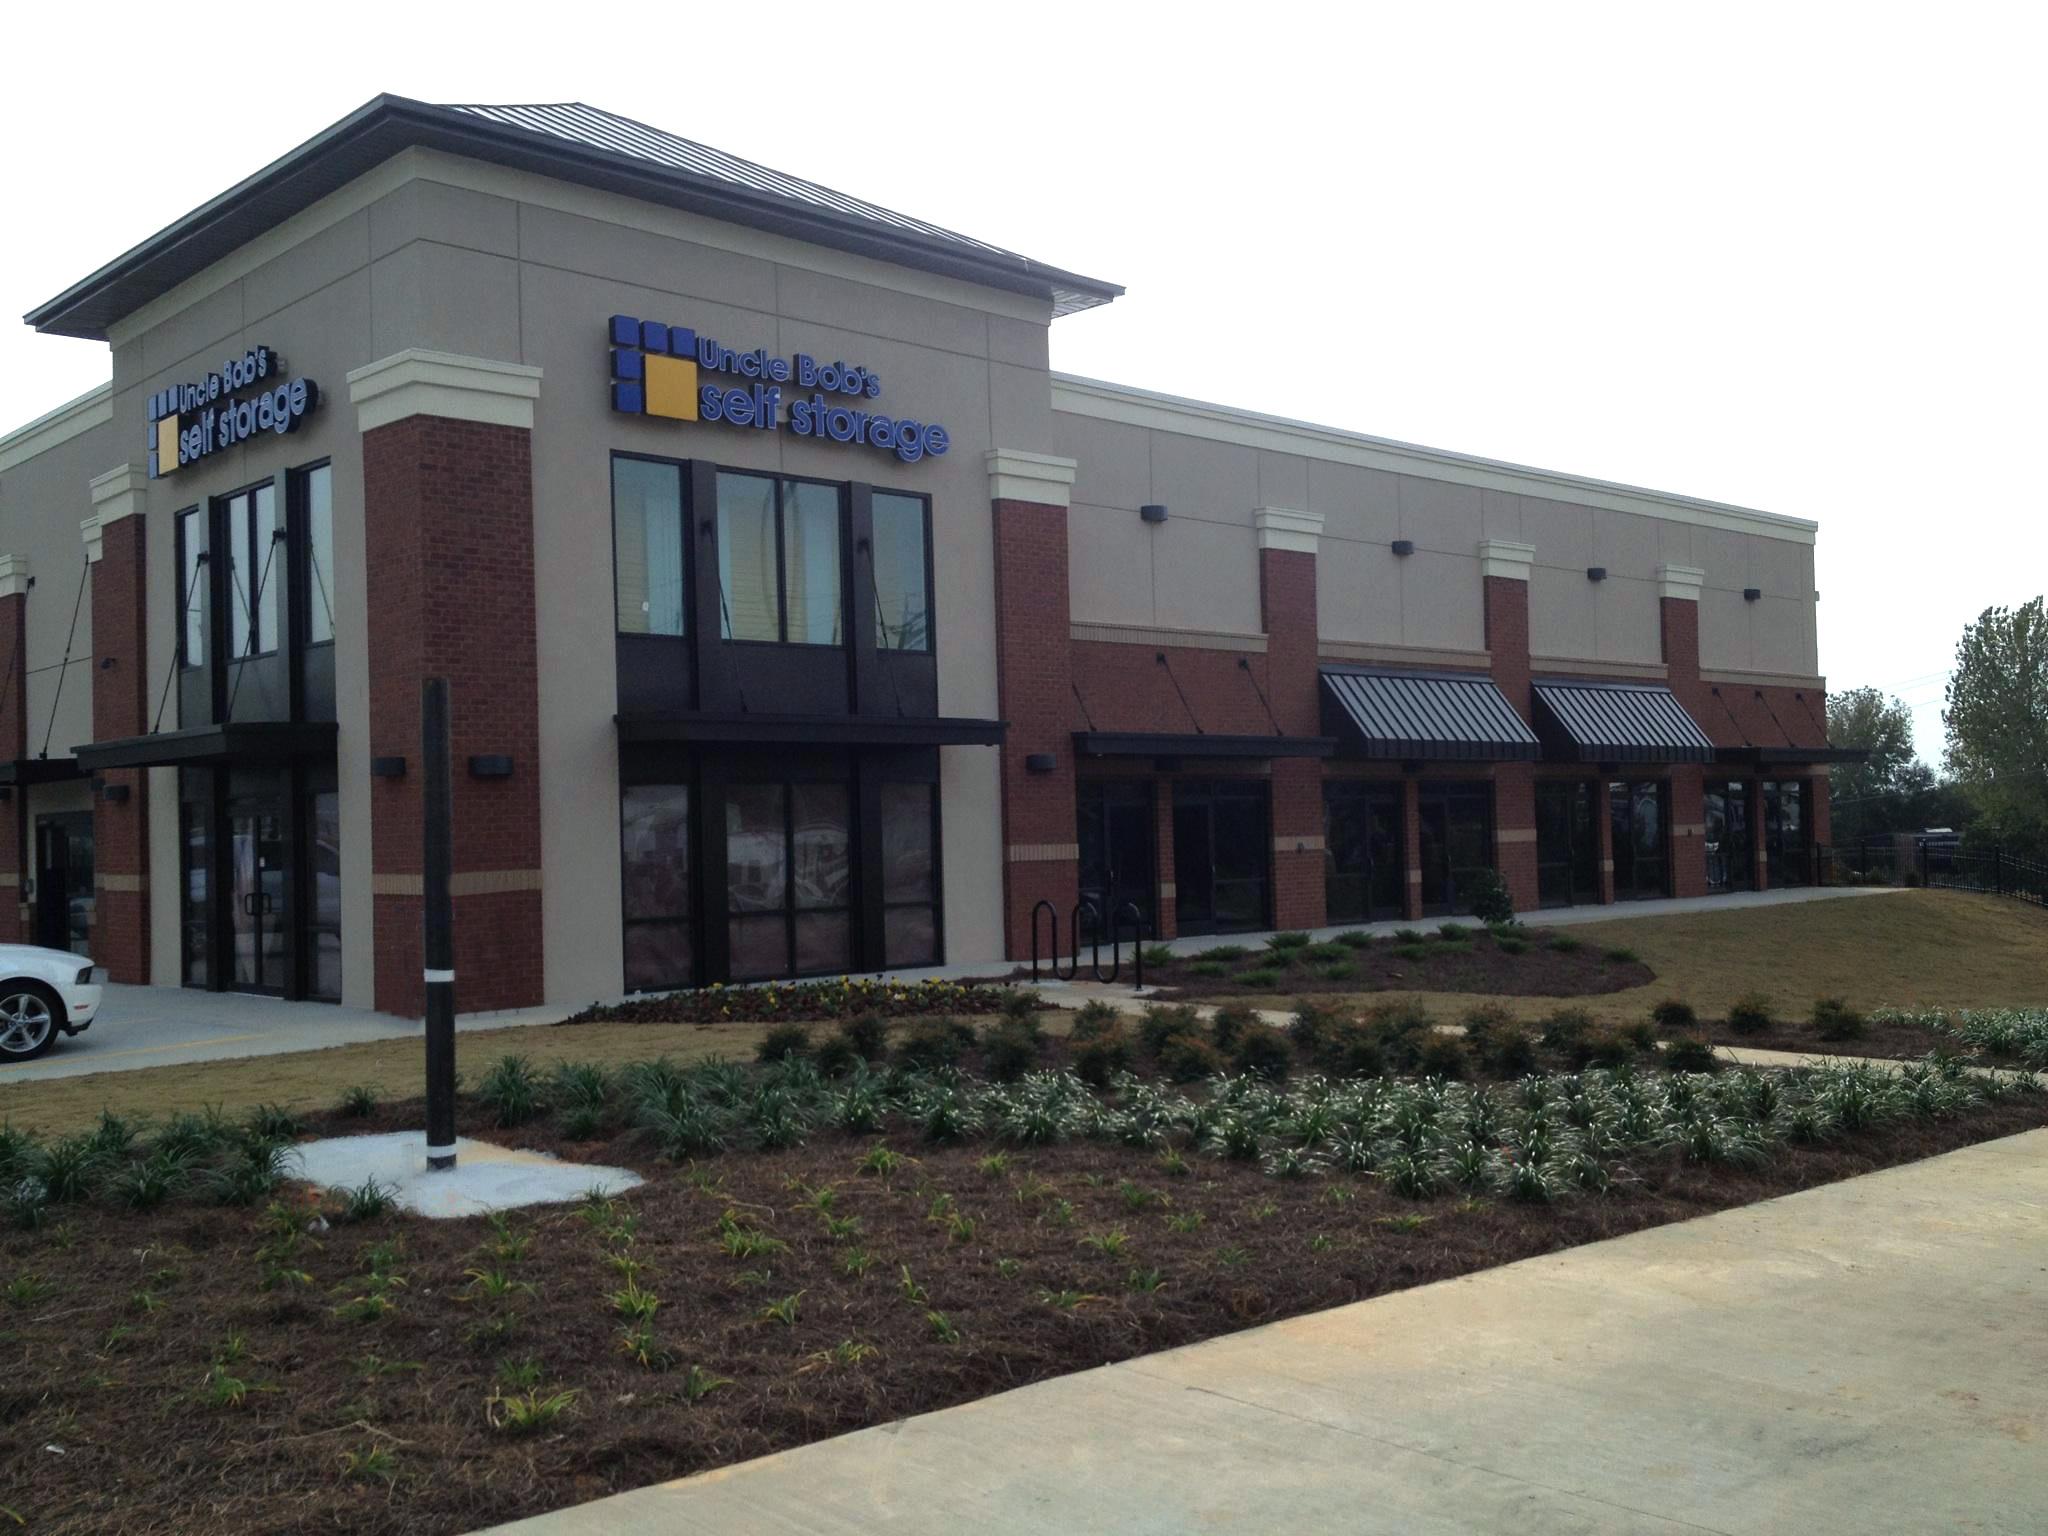 Uncle Bob S Self Storage 174 Opens New Facility In Atlanta Ga